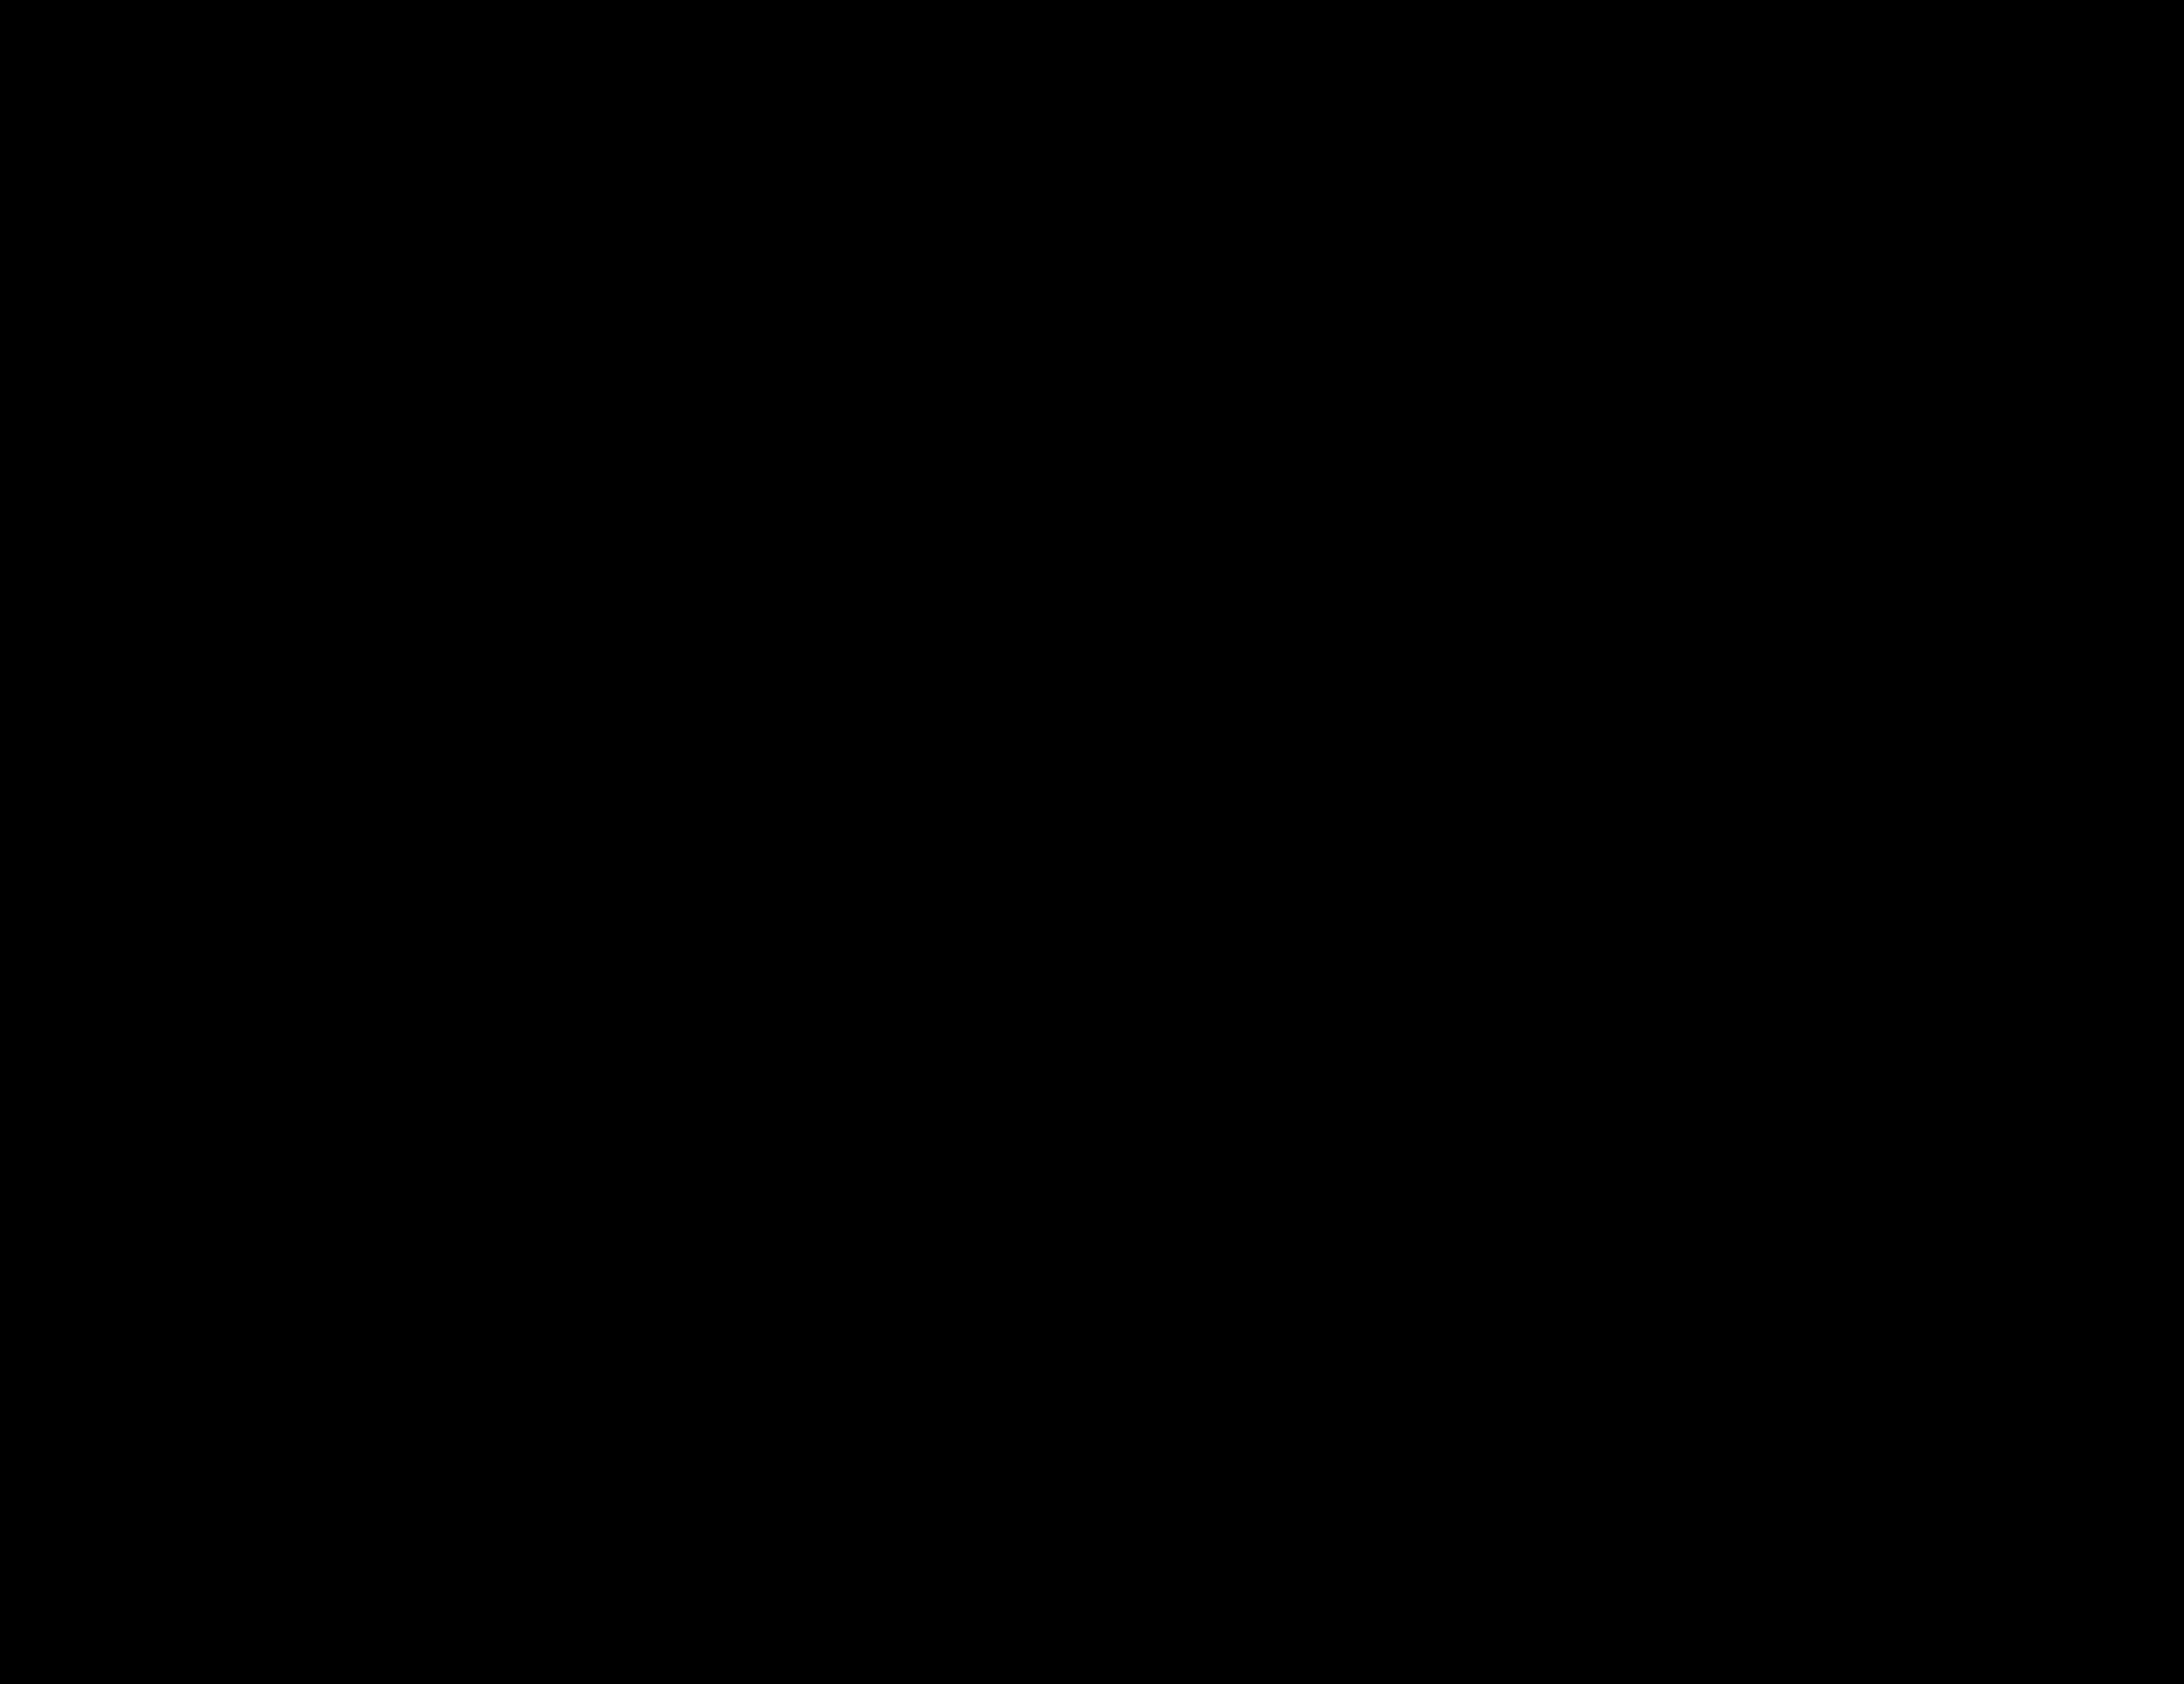 手绘图(马)素材